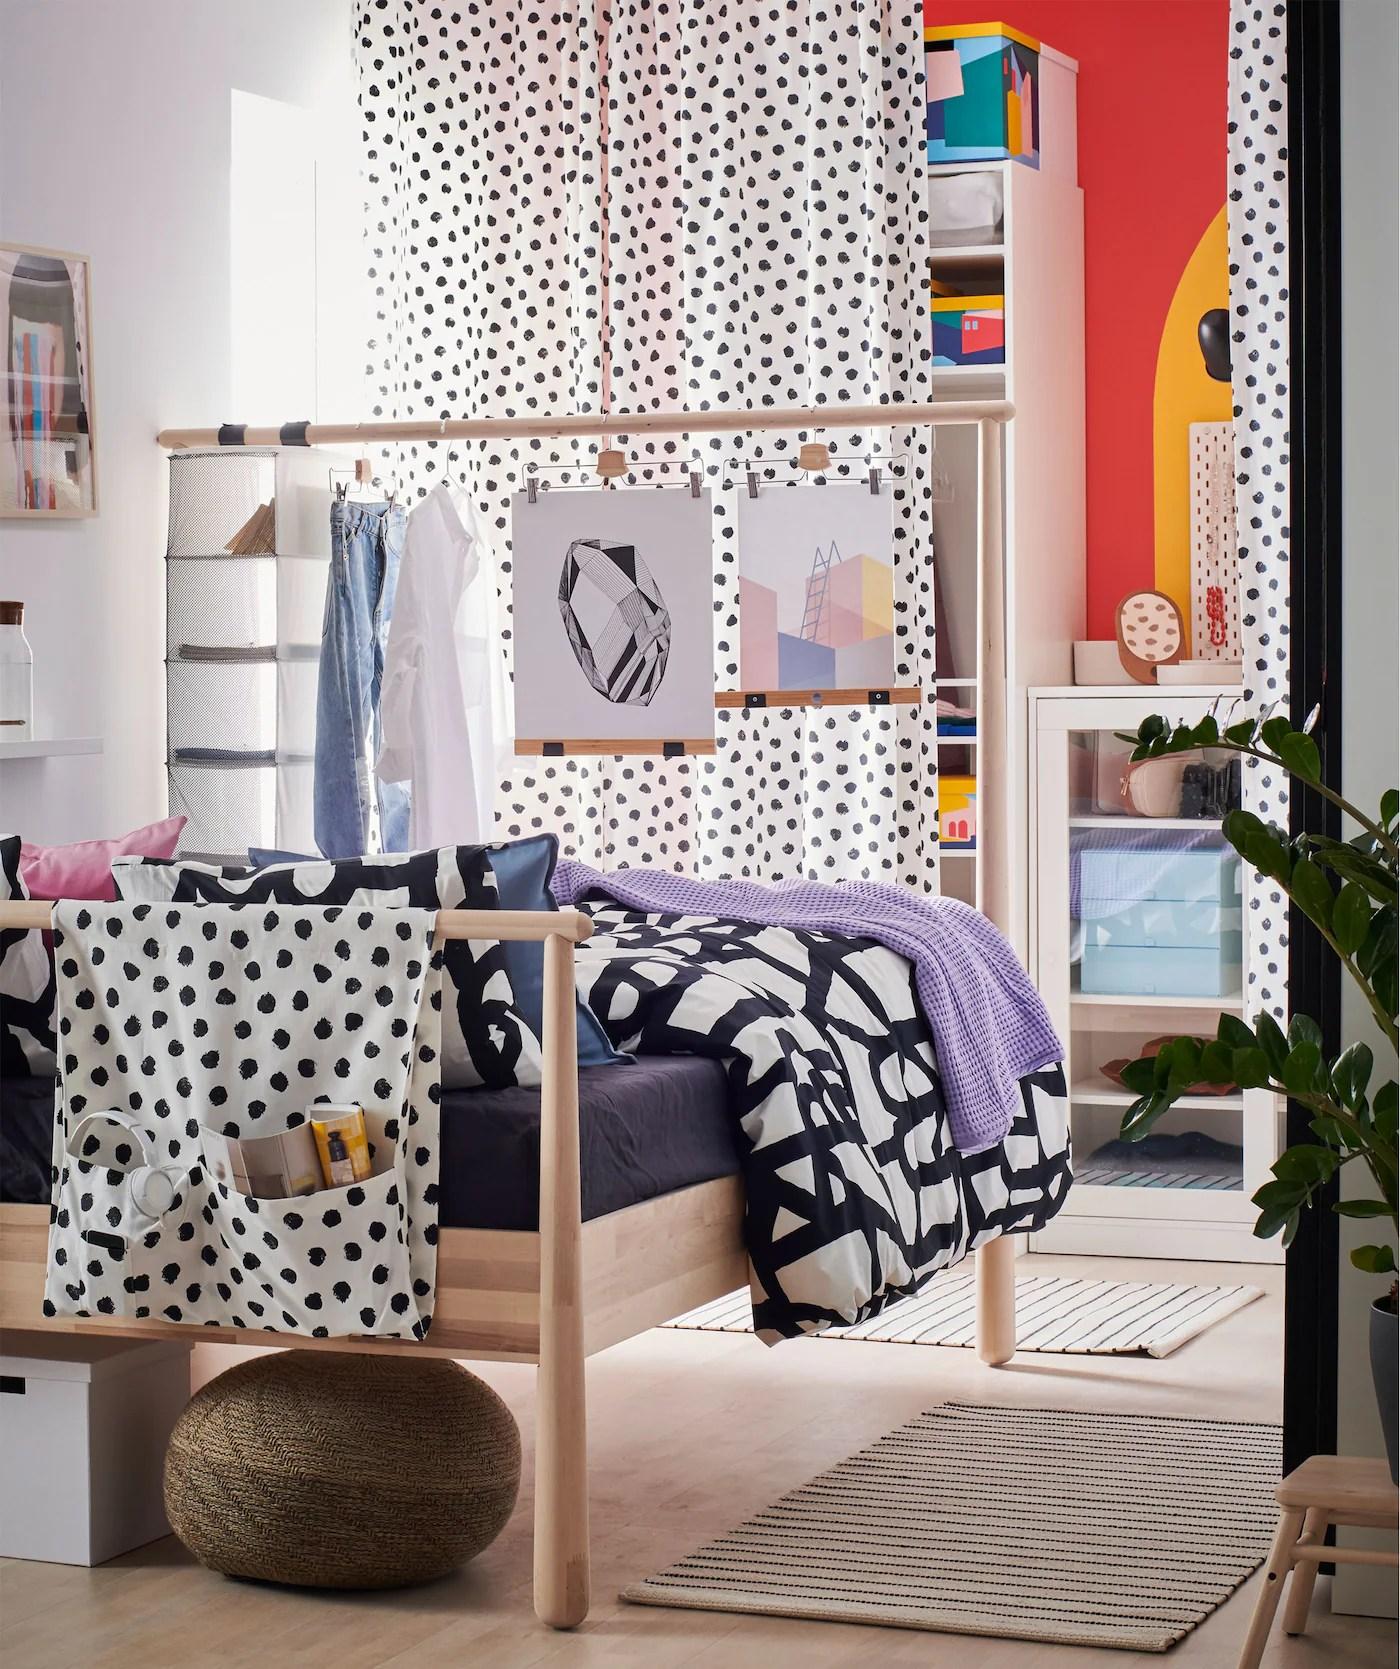 Colori, mobili e giochi per un ambiente fresco, sicuro e confortevole. Crea Una Cabina Armadio In Camera Da Letto Ikea Svizzera